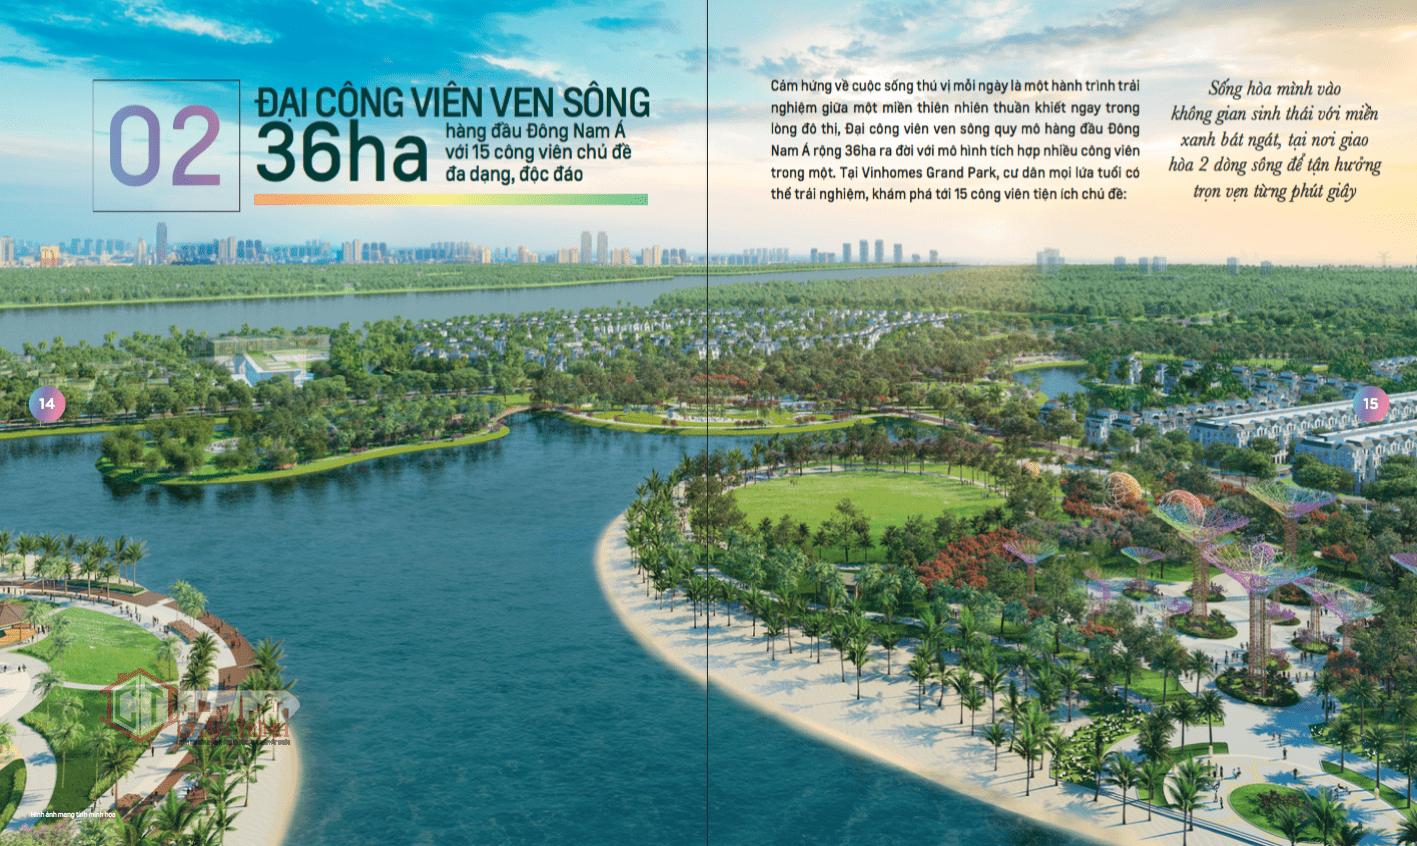 """""""Thành phố thông minh Công viên"""", Vinhomes Grand Park sở hữu quần thể Đại công viên phức hợp công viên ven sông quy mô hàng đầu Đông Nam Á với diện tích lên tới 36ha"""